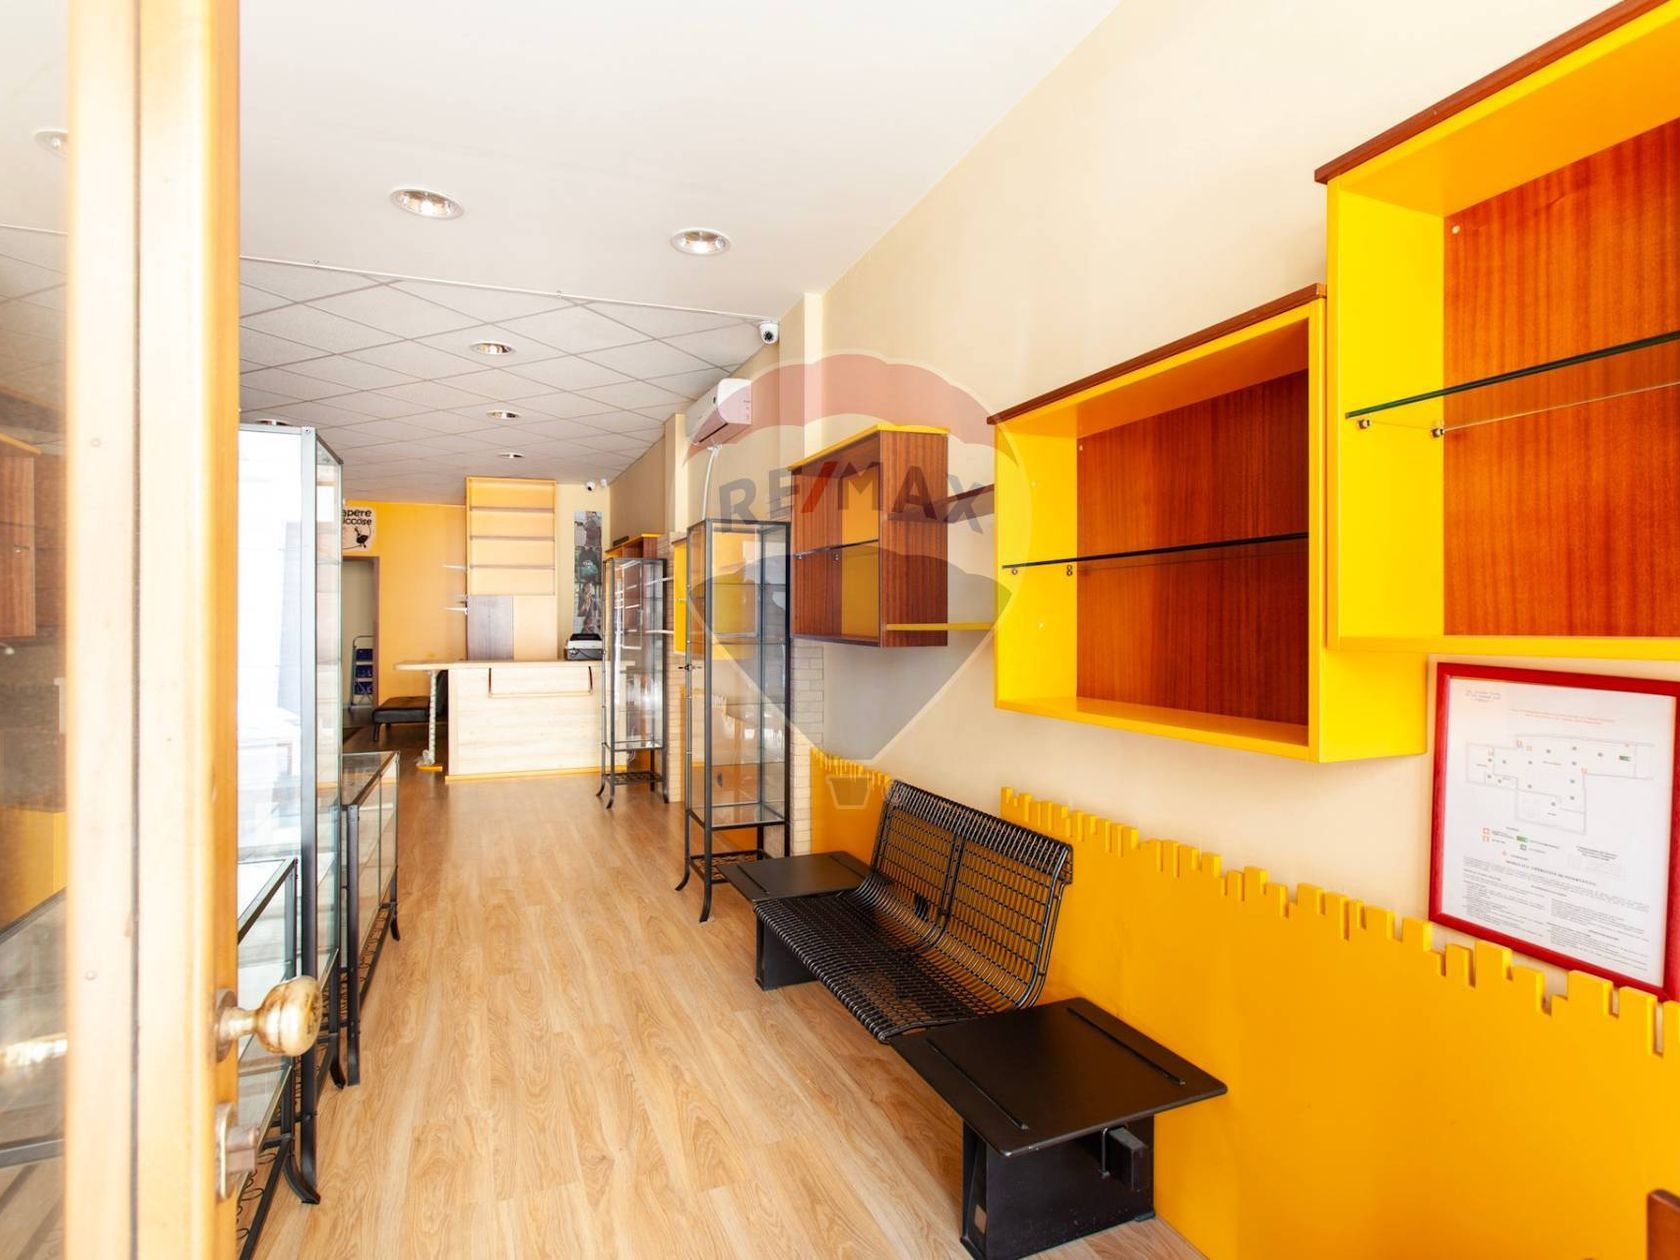 Locale Commerciale Zona Centro, Quartu Sant'Elena, CA Vendita - Foto 11